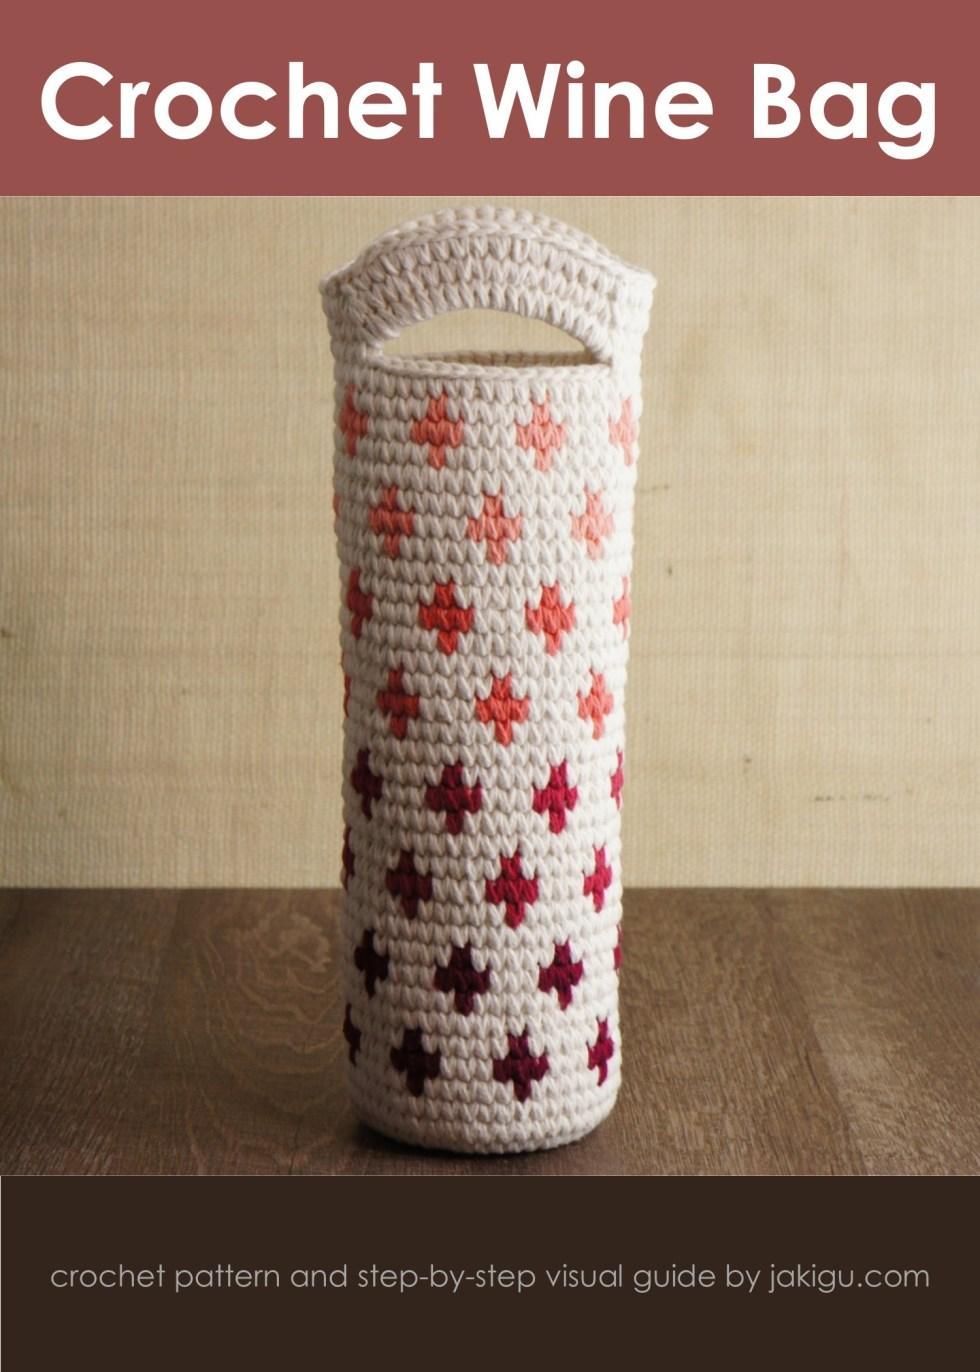 Wine gift bag, crochet pattern by jakigu.com